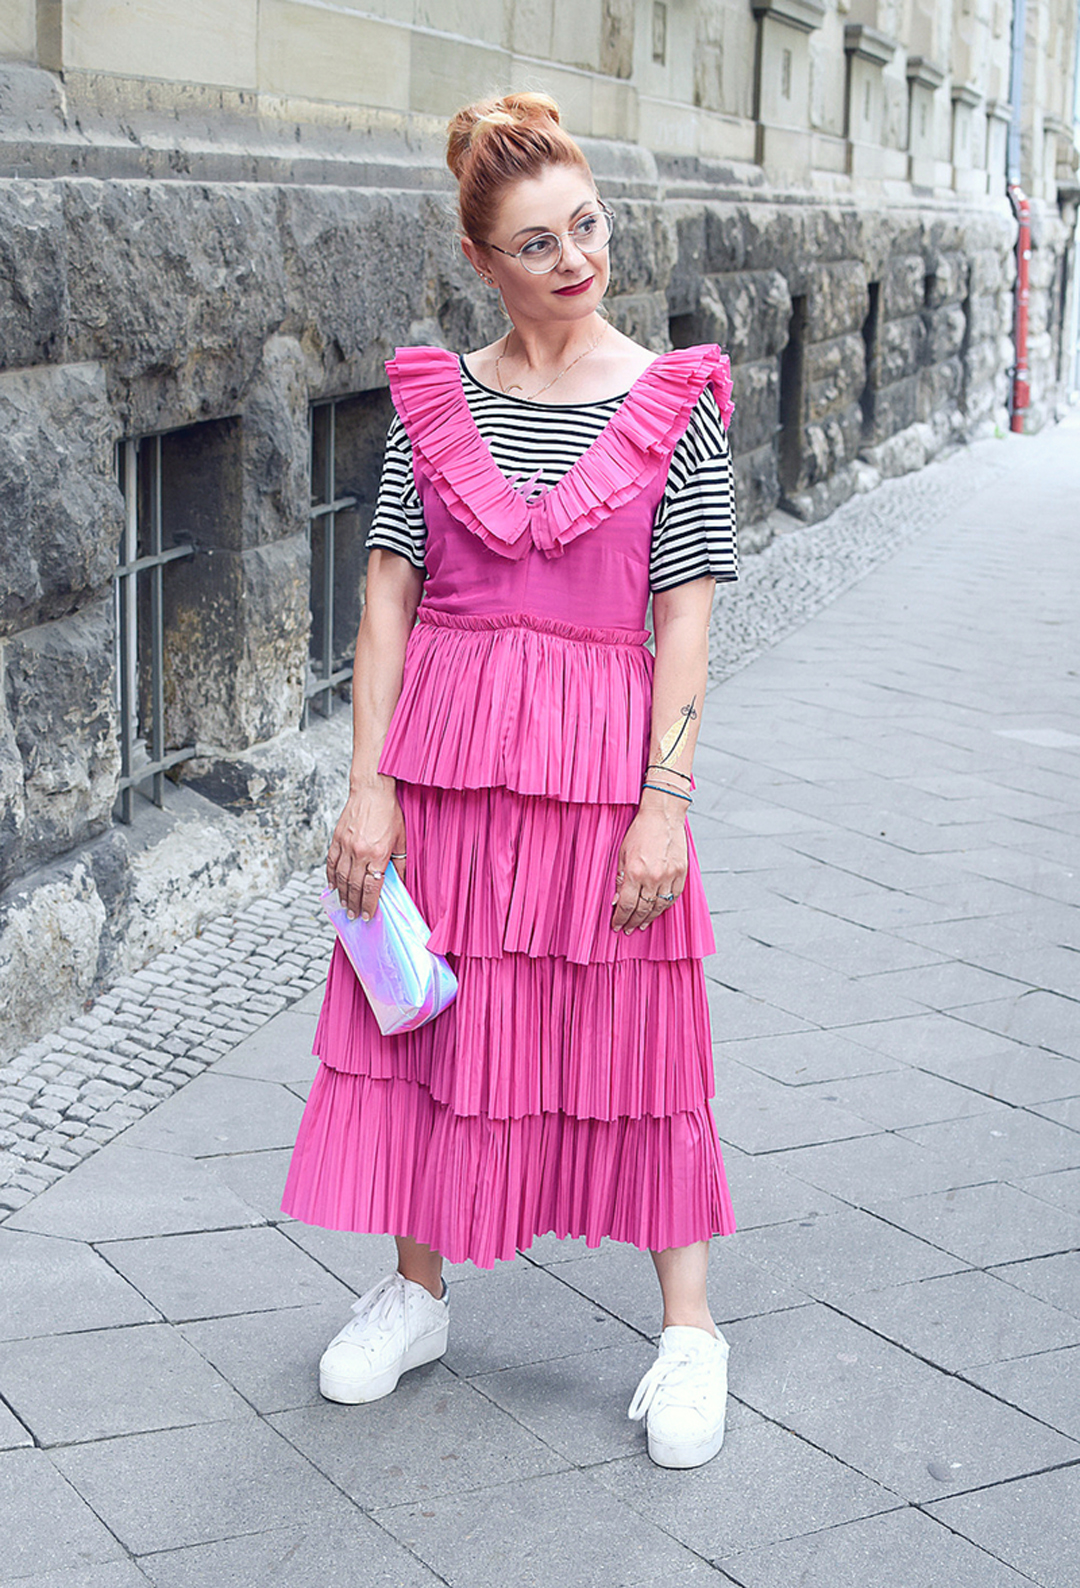 Modebloggerin über 40, Outfitinspiration für Ü40 Frauen